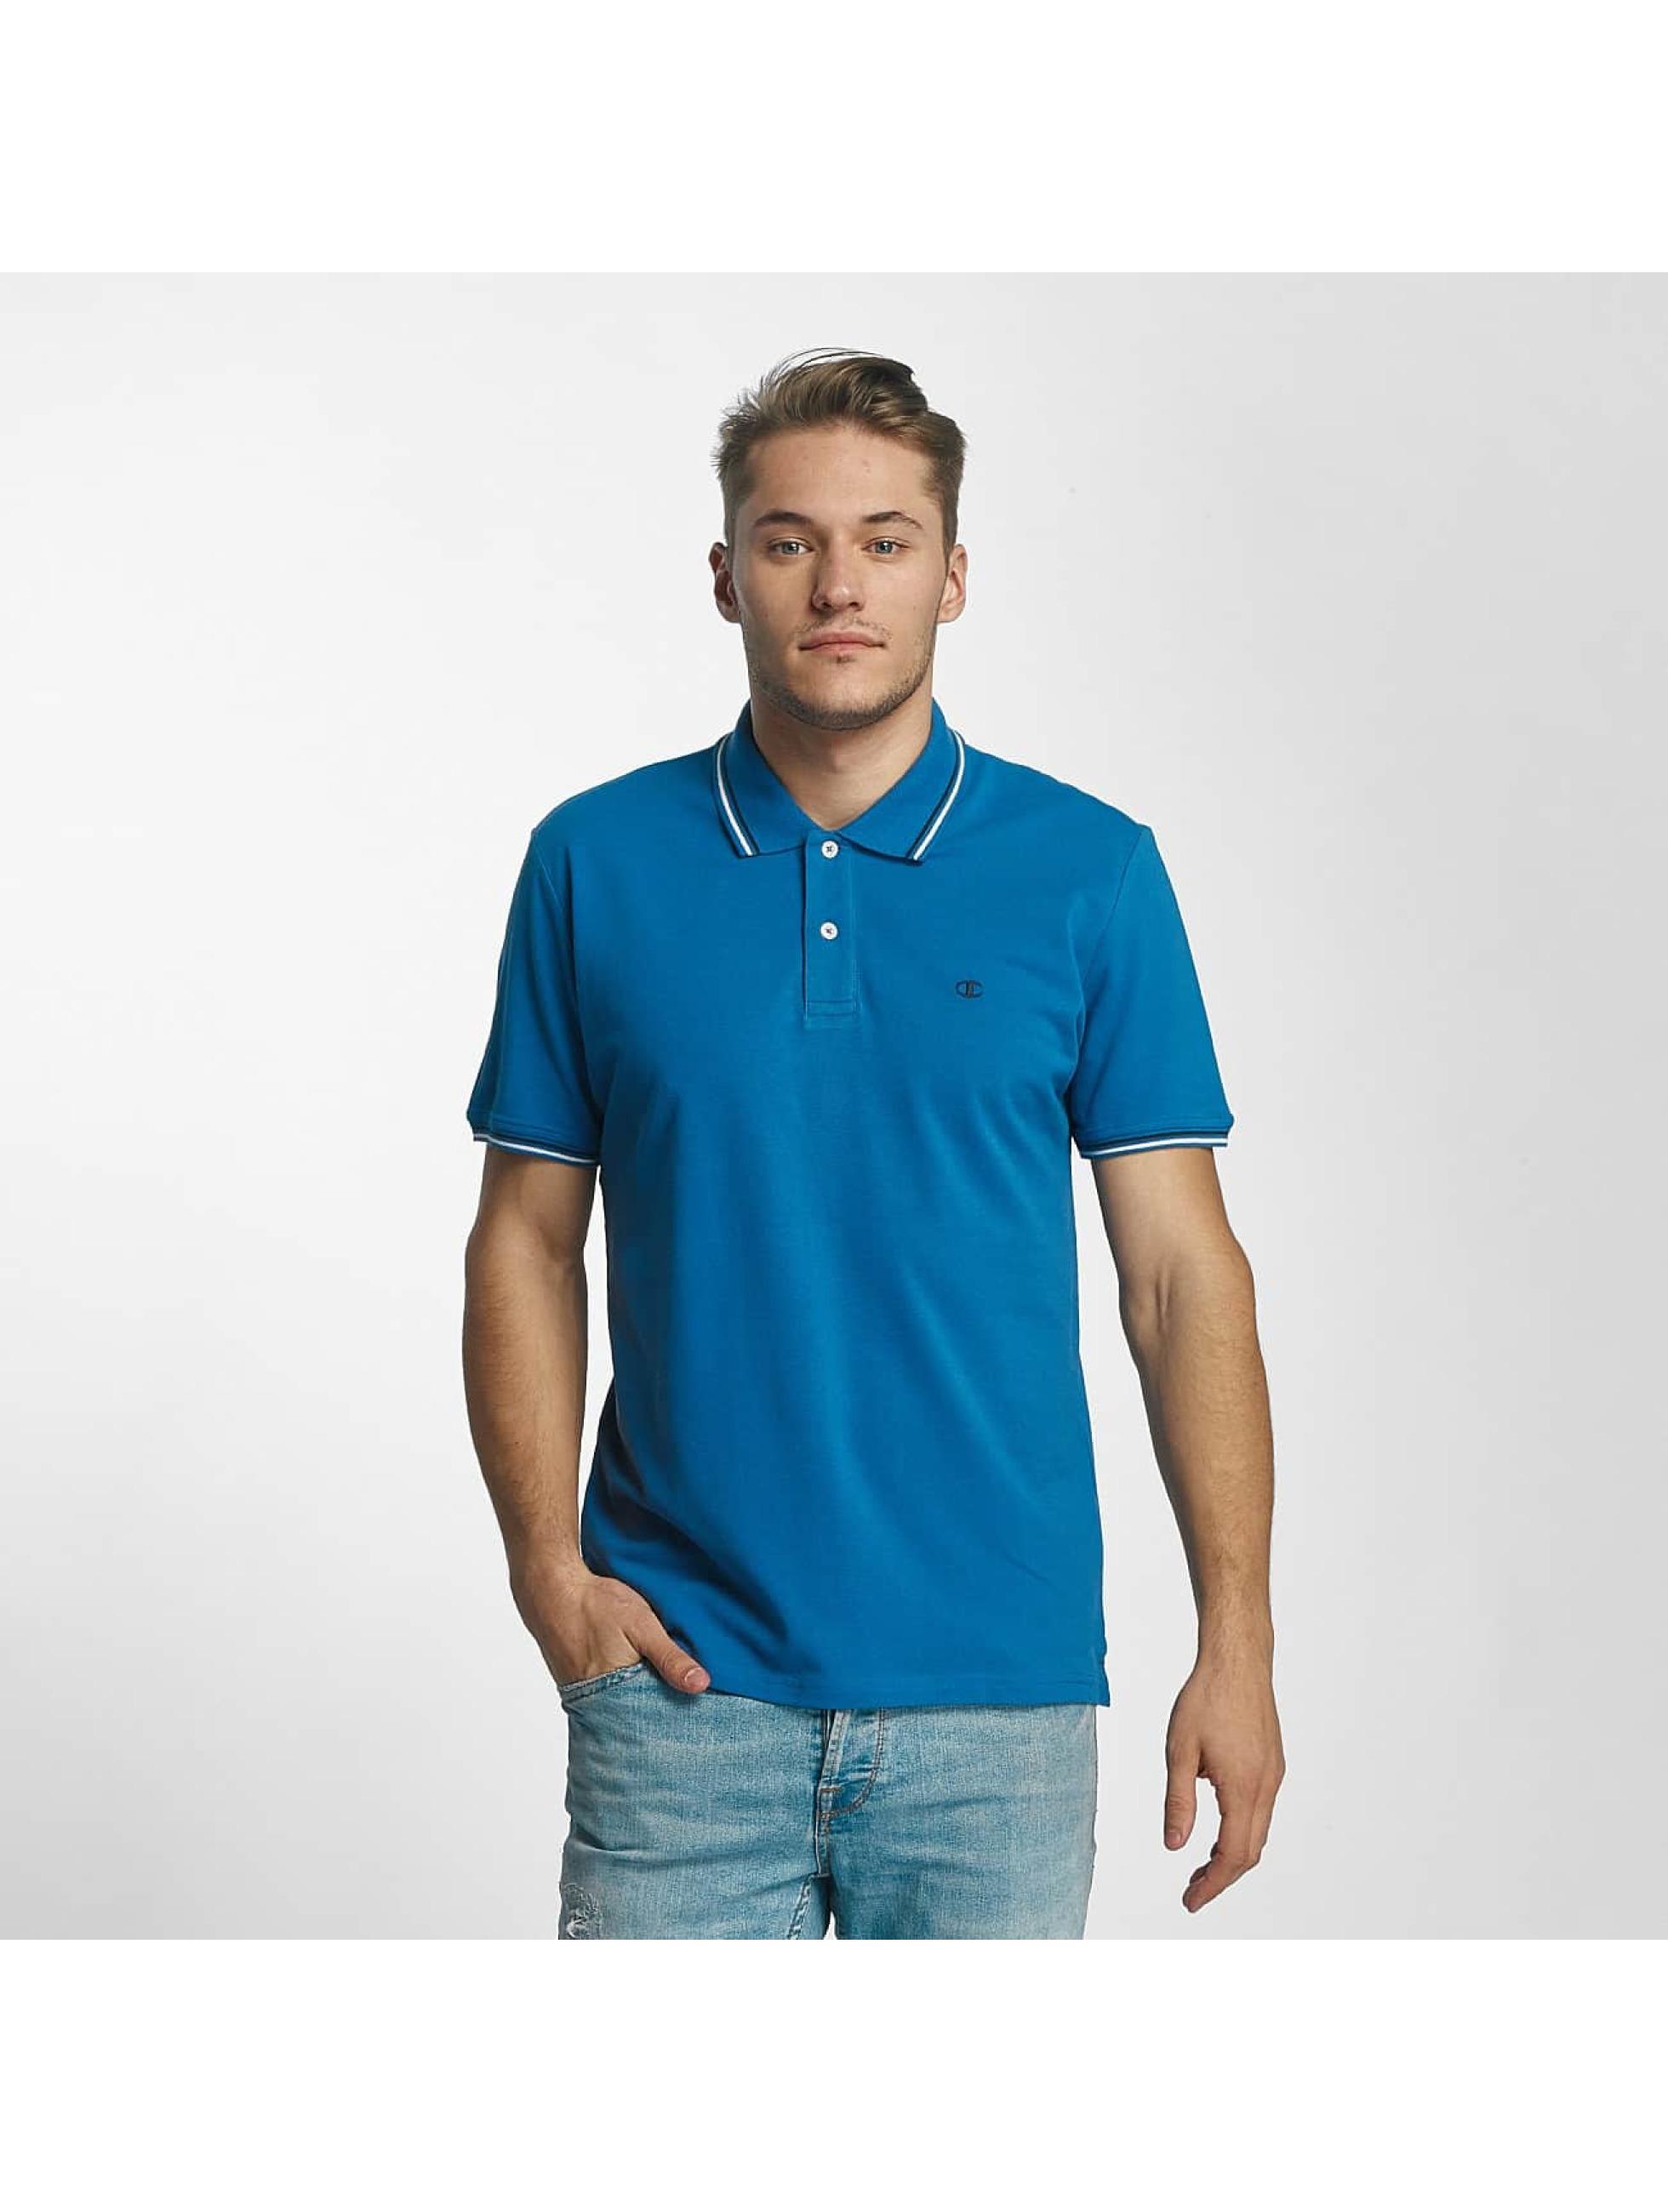 Champion Athletics Poloskjorter Metropolitan blå